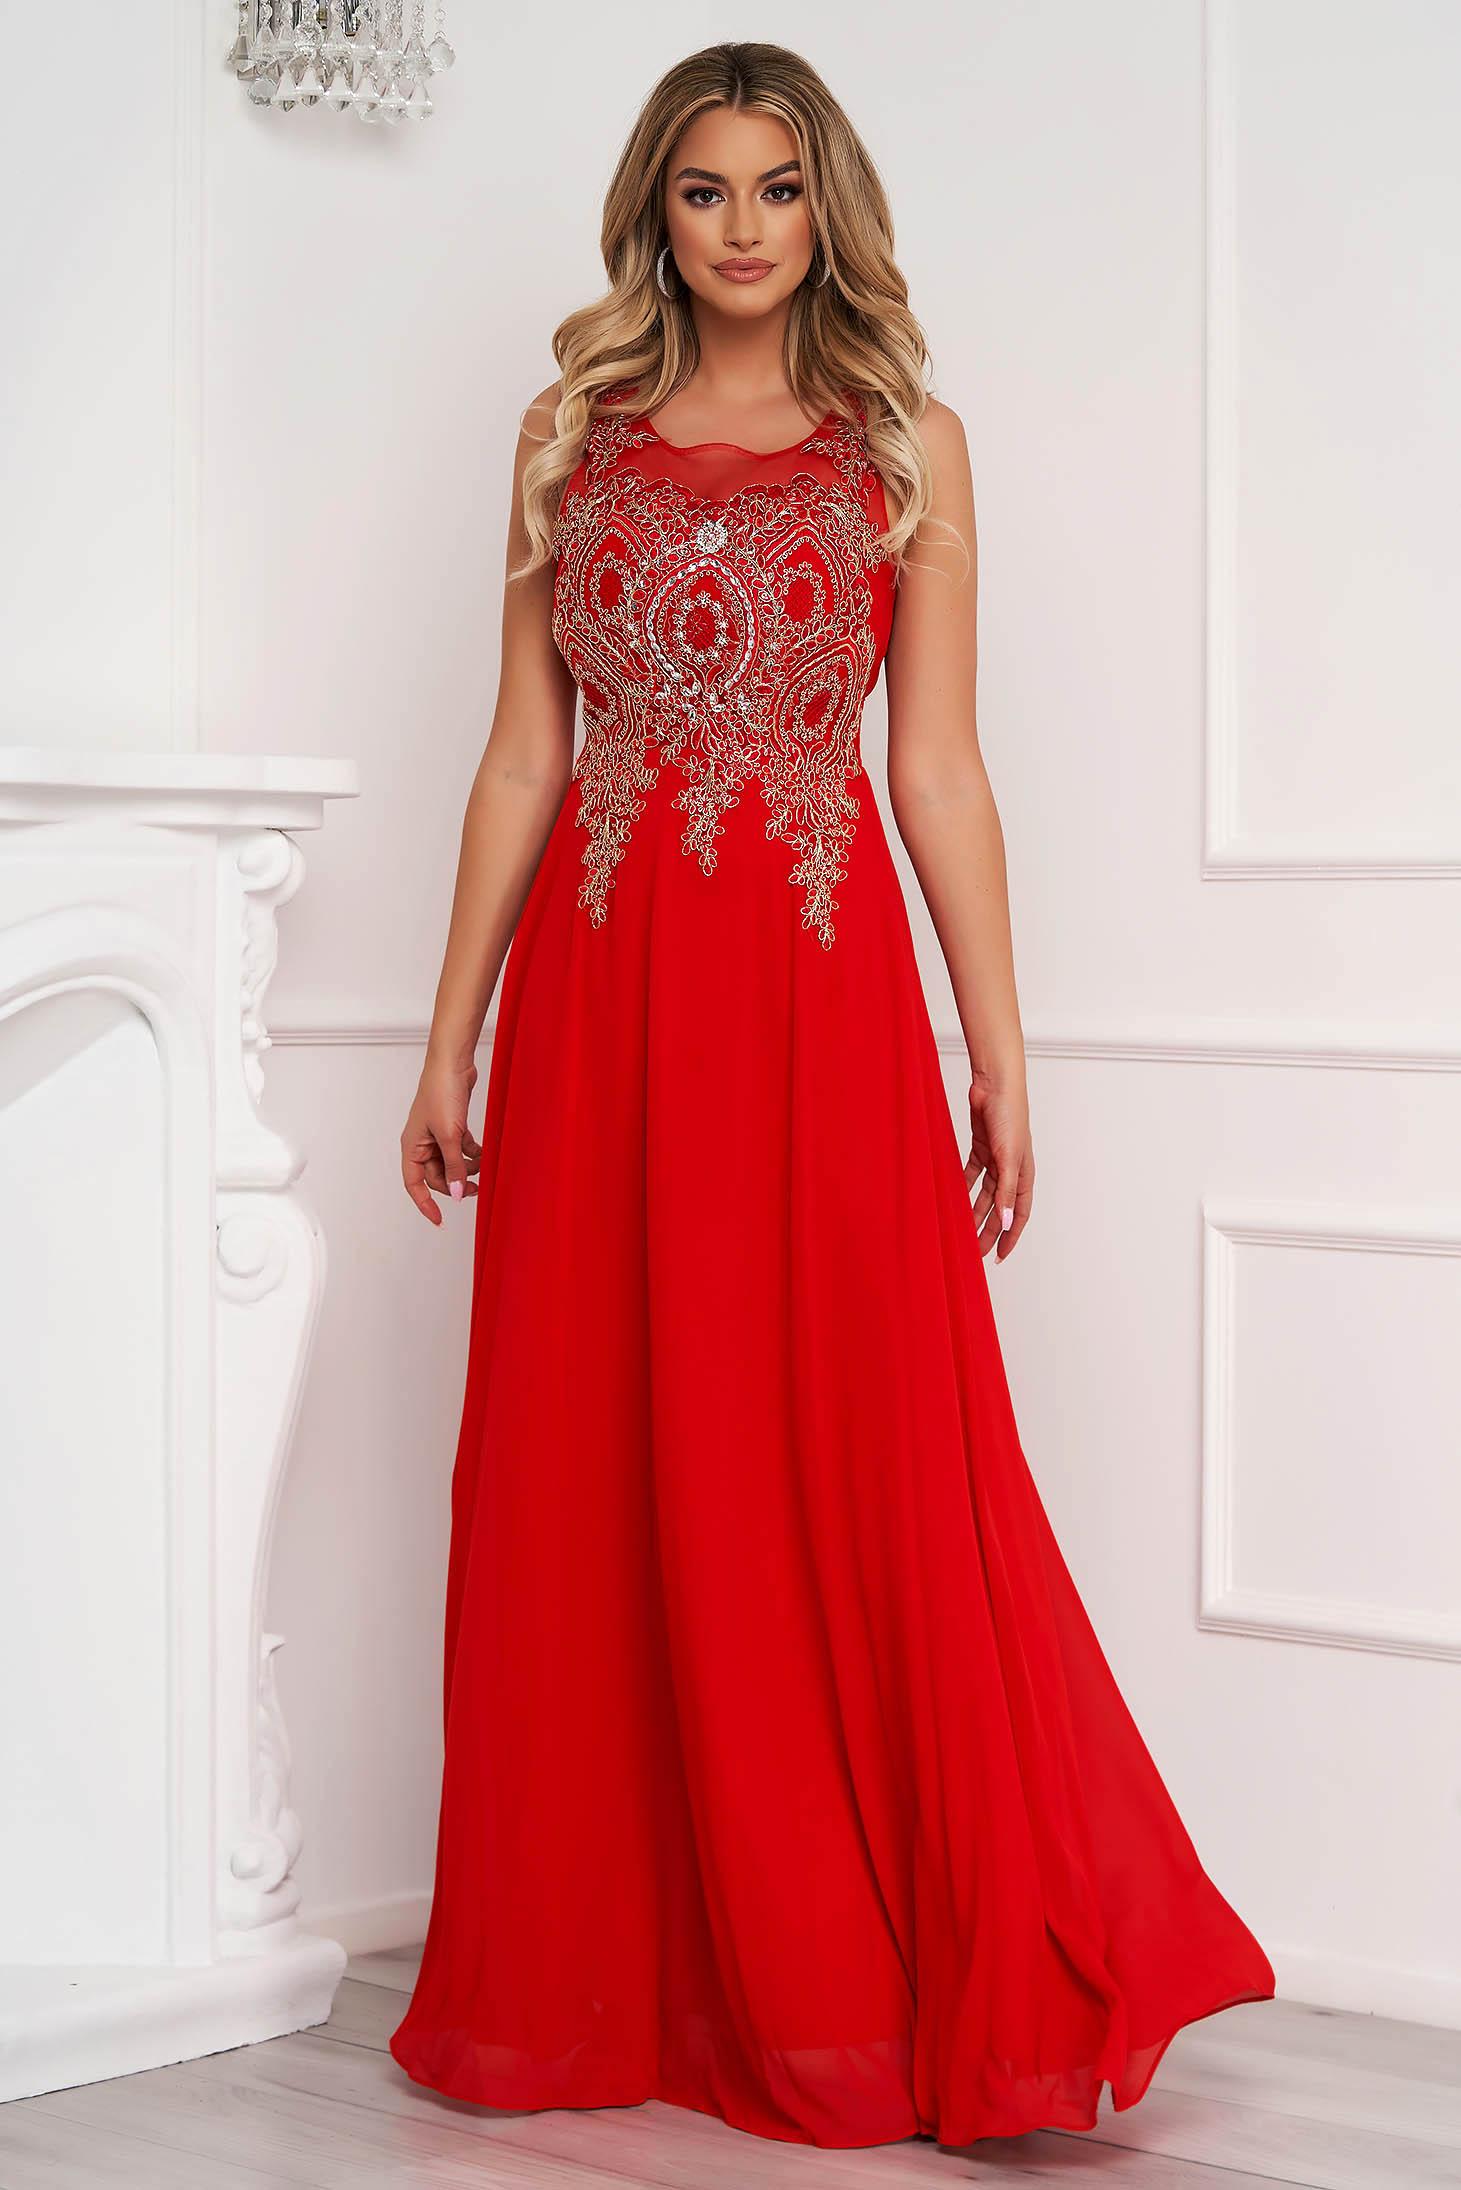 Piros alkalmi hosszú harang ruha tüllből elől hímzett strassz köves díszítés